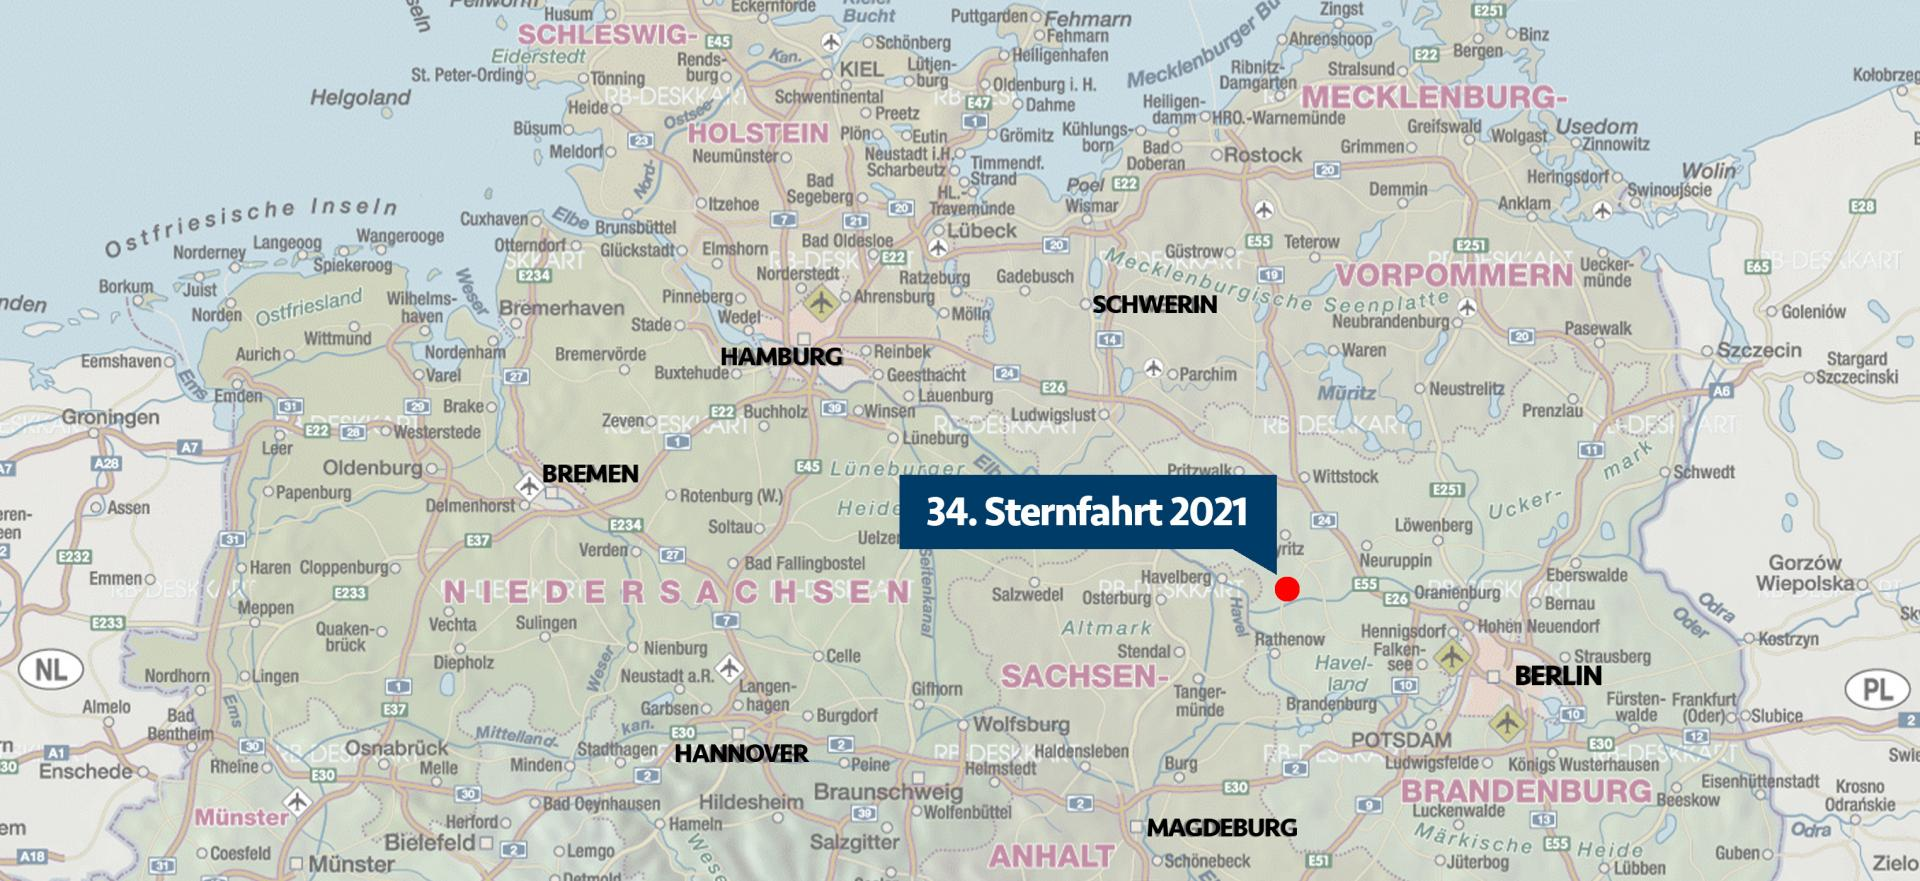 Lage Sternfahrt 2021